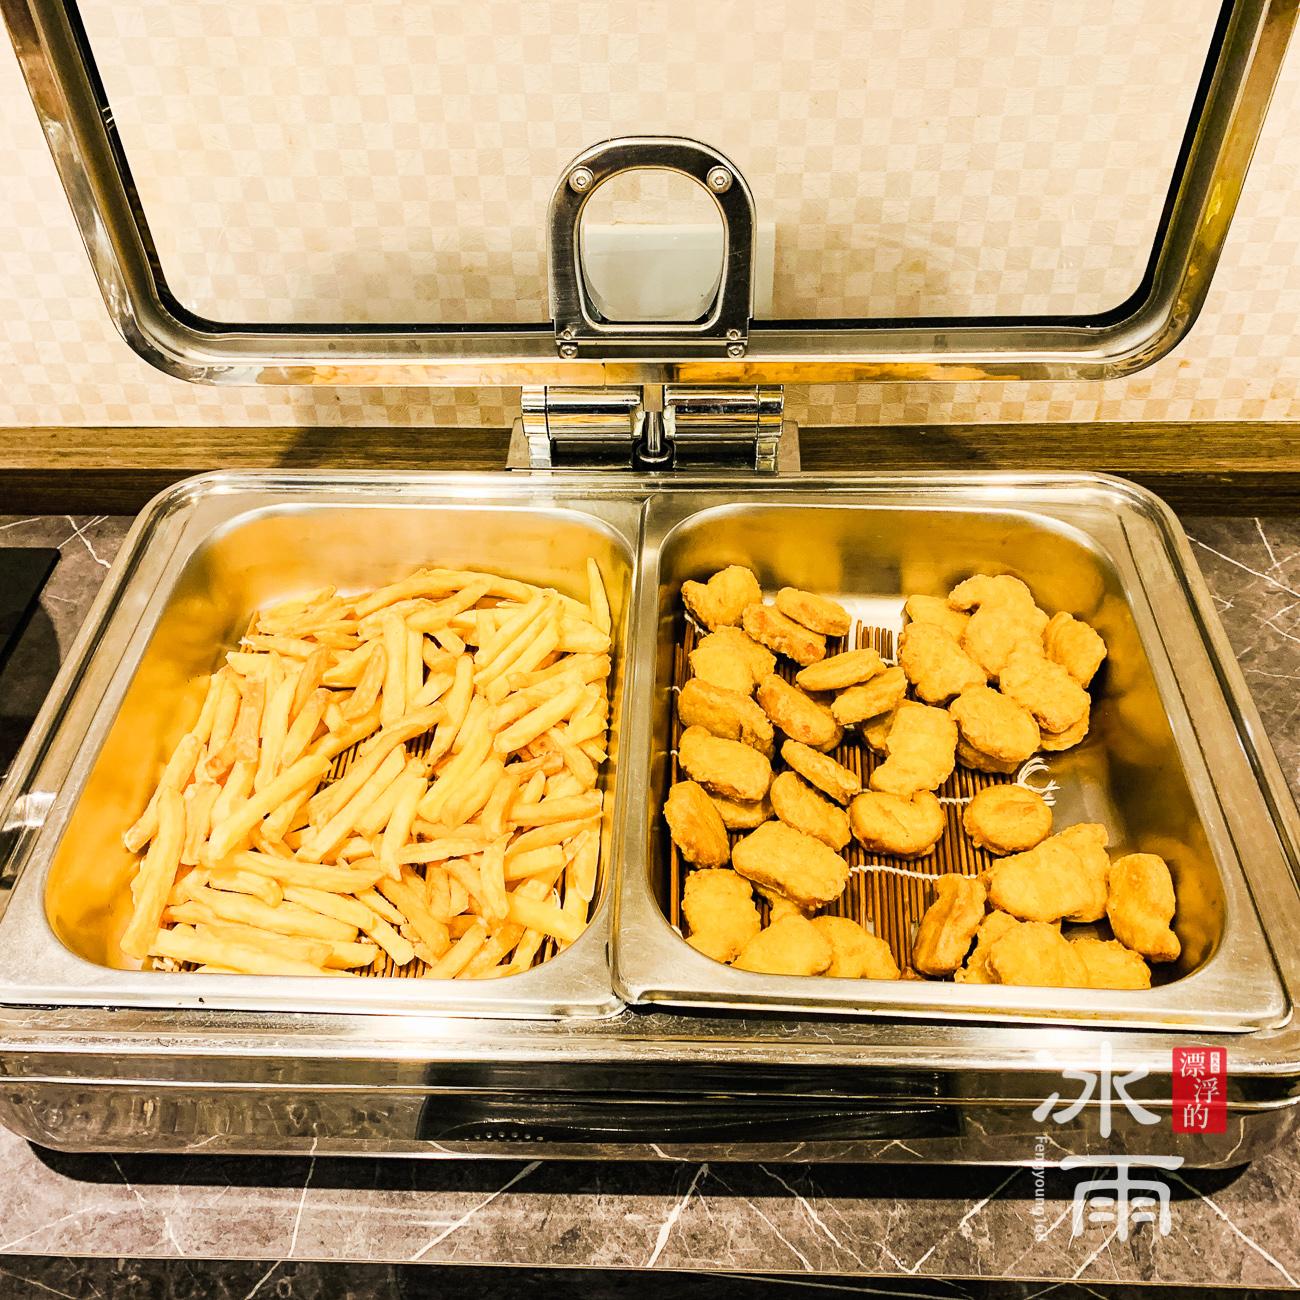 川湯春天溫泉飯店德陽館|早餐|炸物